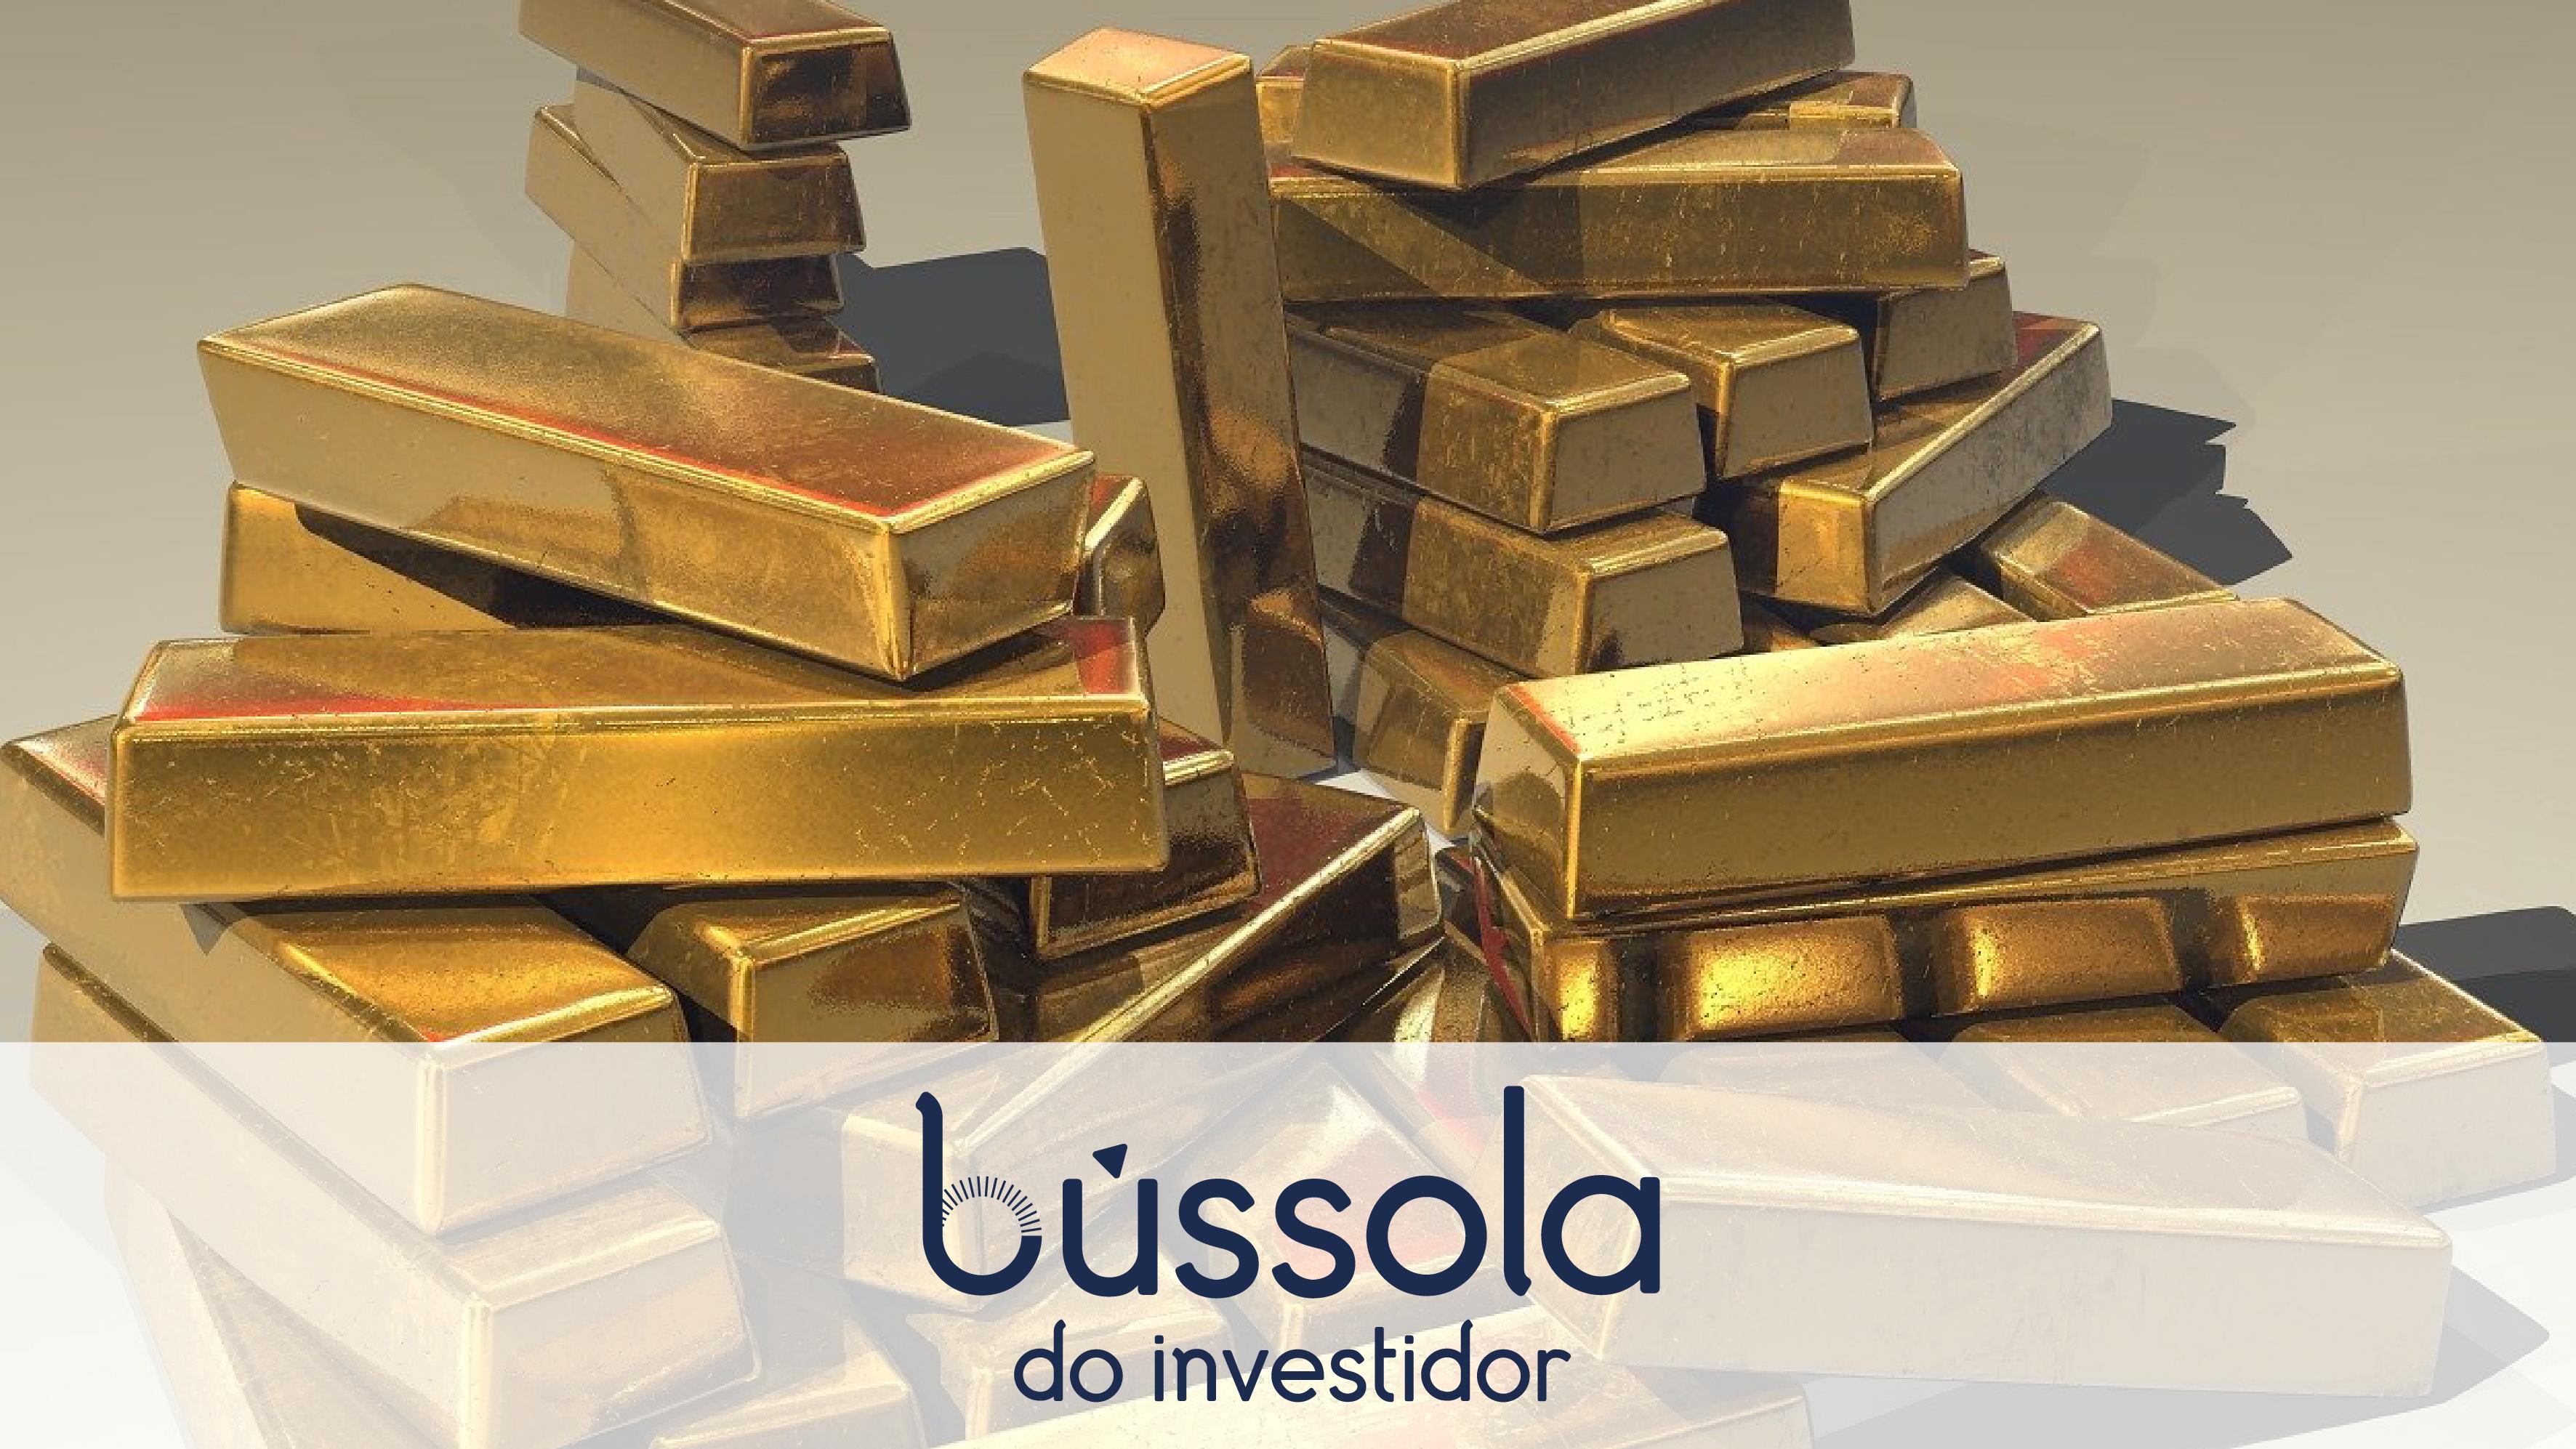 Barras de ouro para quem quer investir em ouro